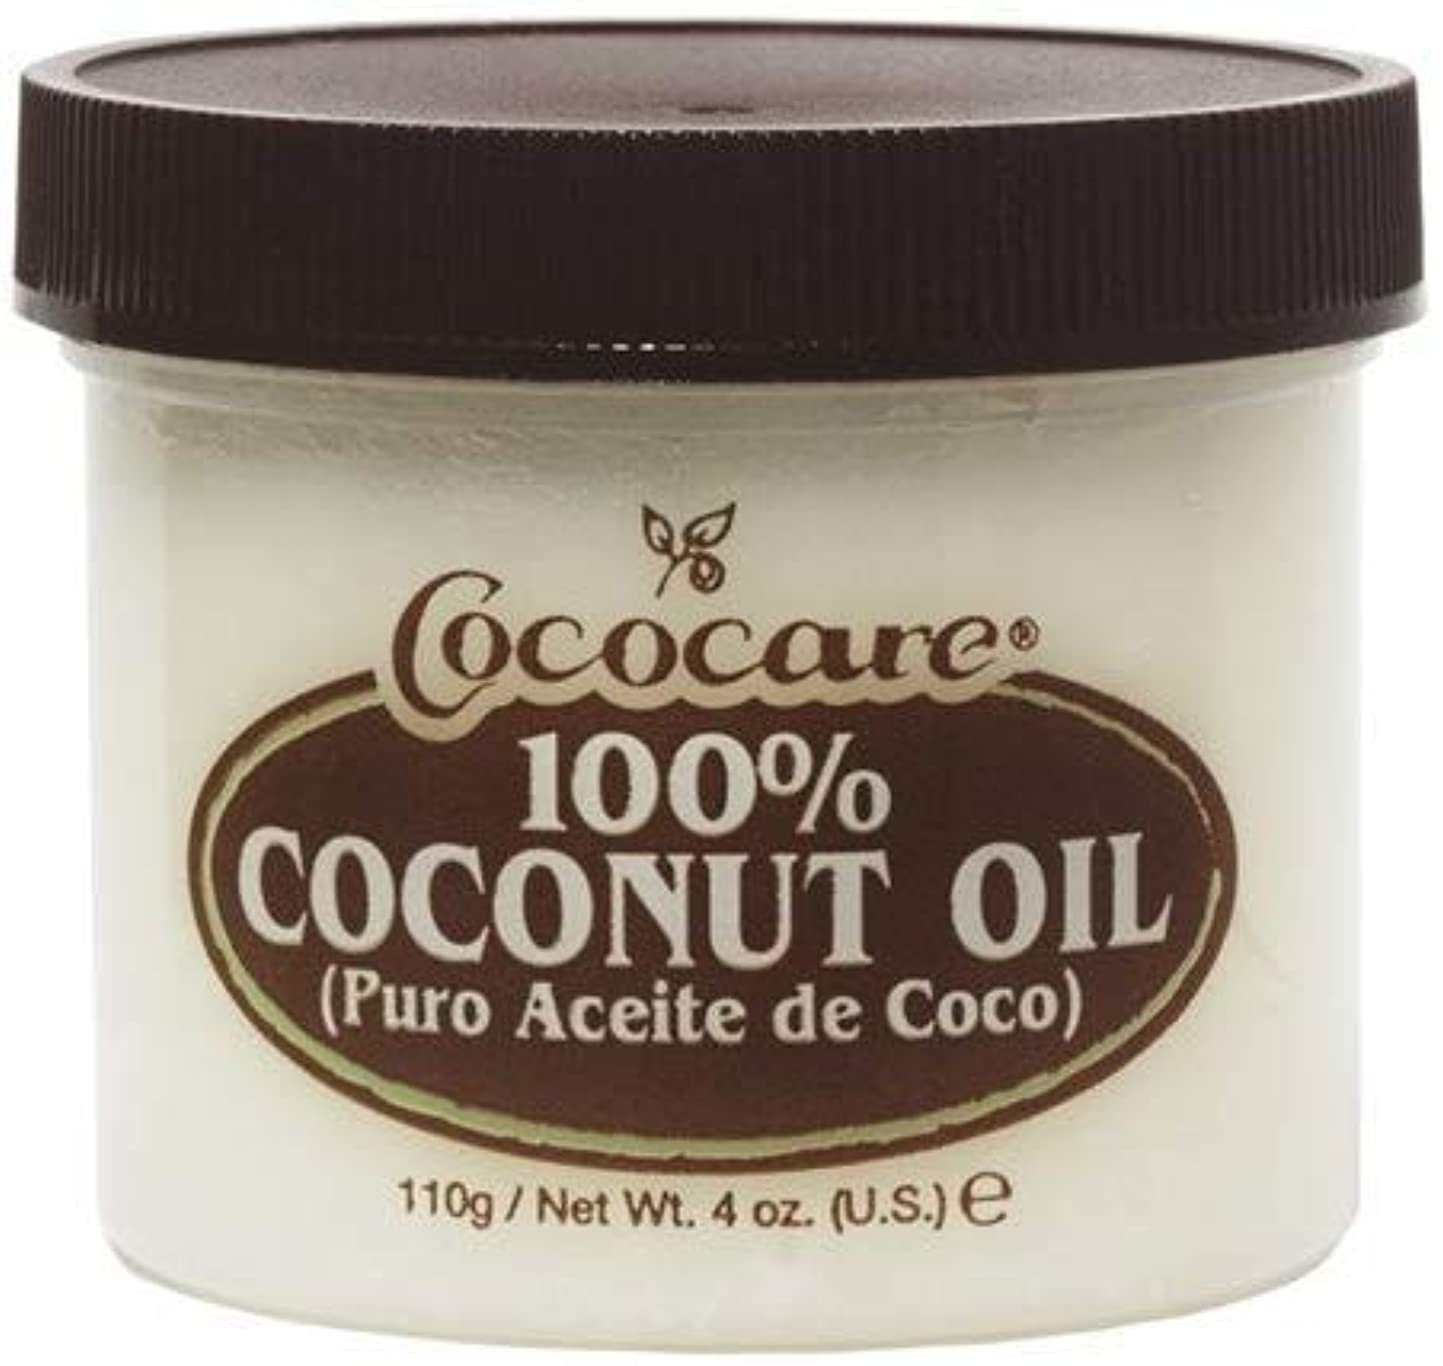 り騙す予感COCOCARE ココケア ココナッツオイル 110g海外直送品 -4 Packs et#t